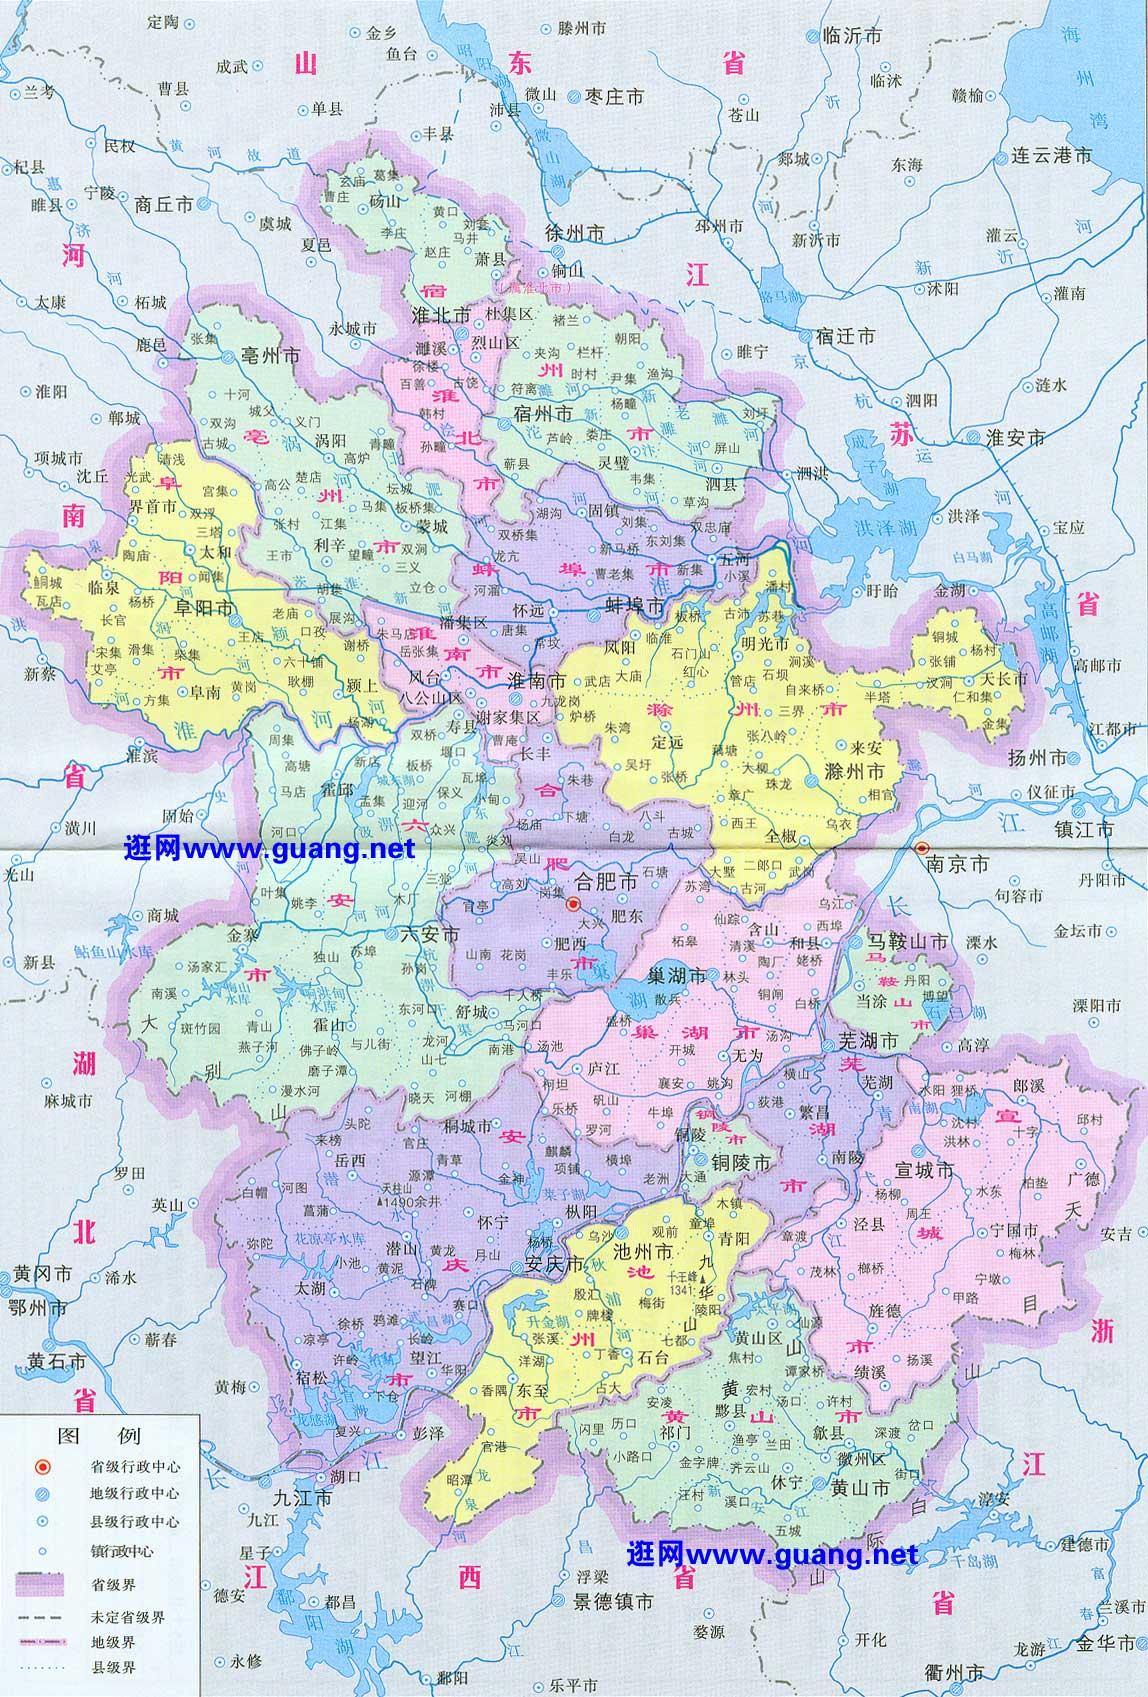 2016年版安徽地图-安徽旅游图